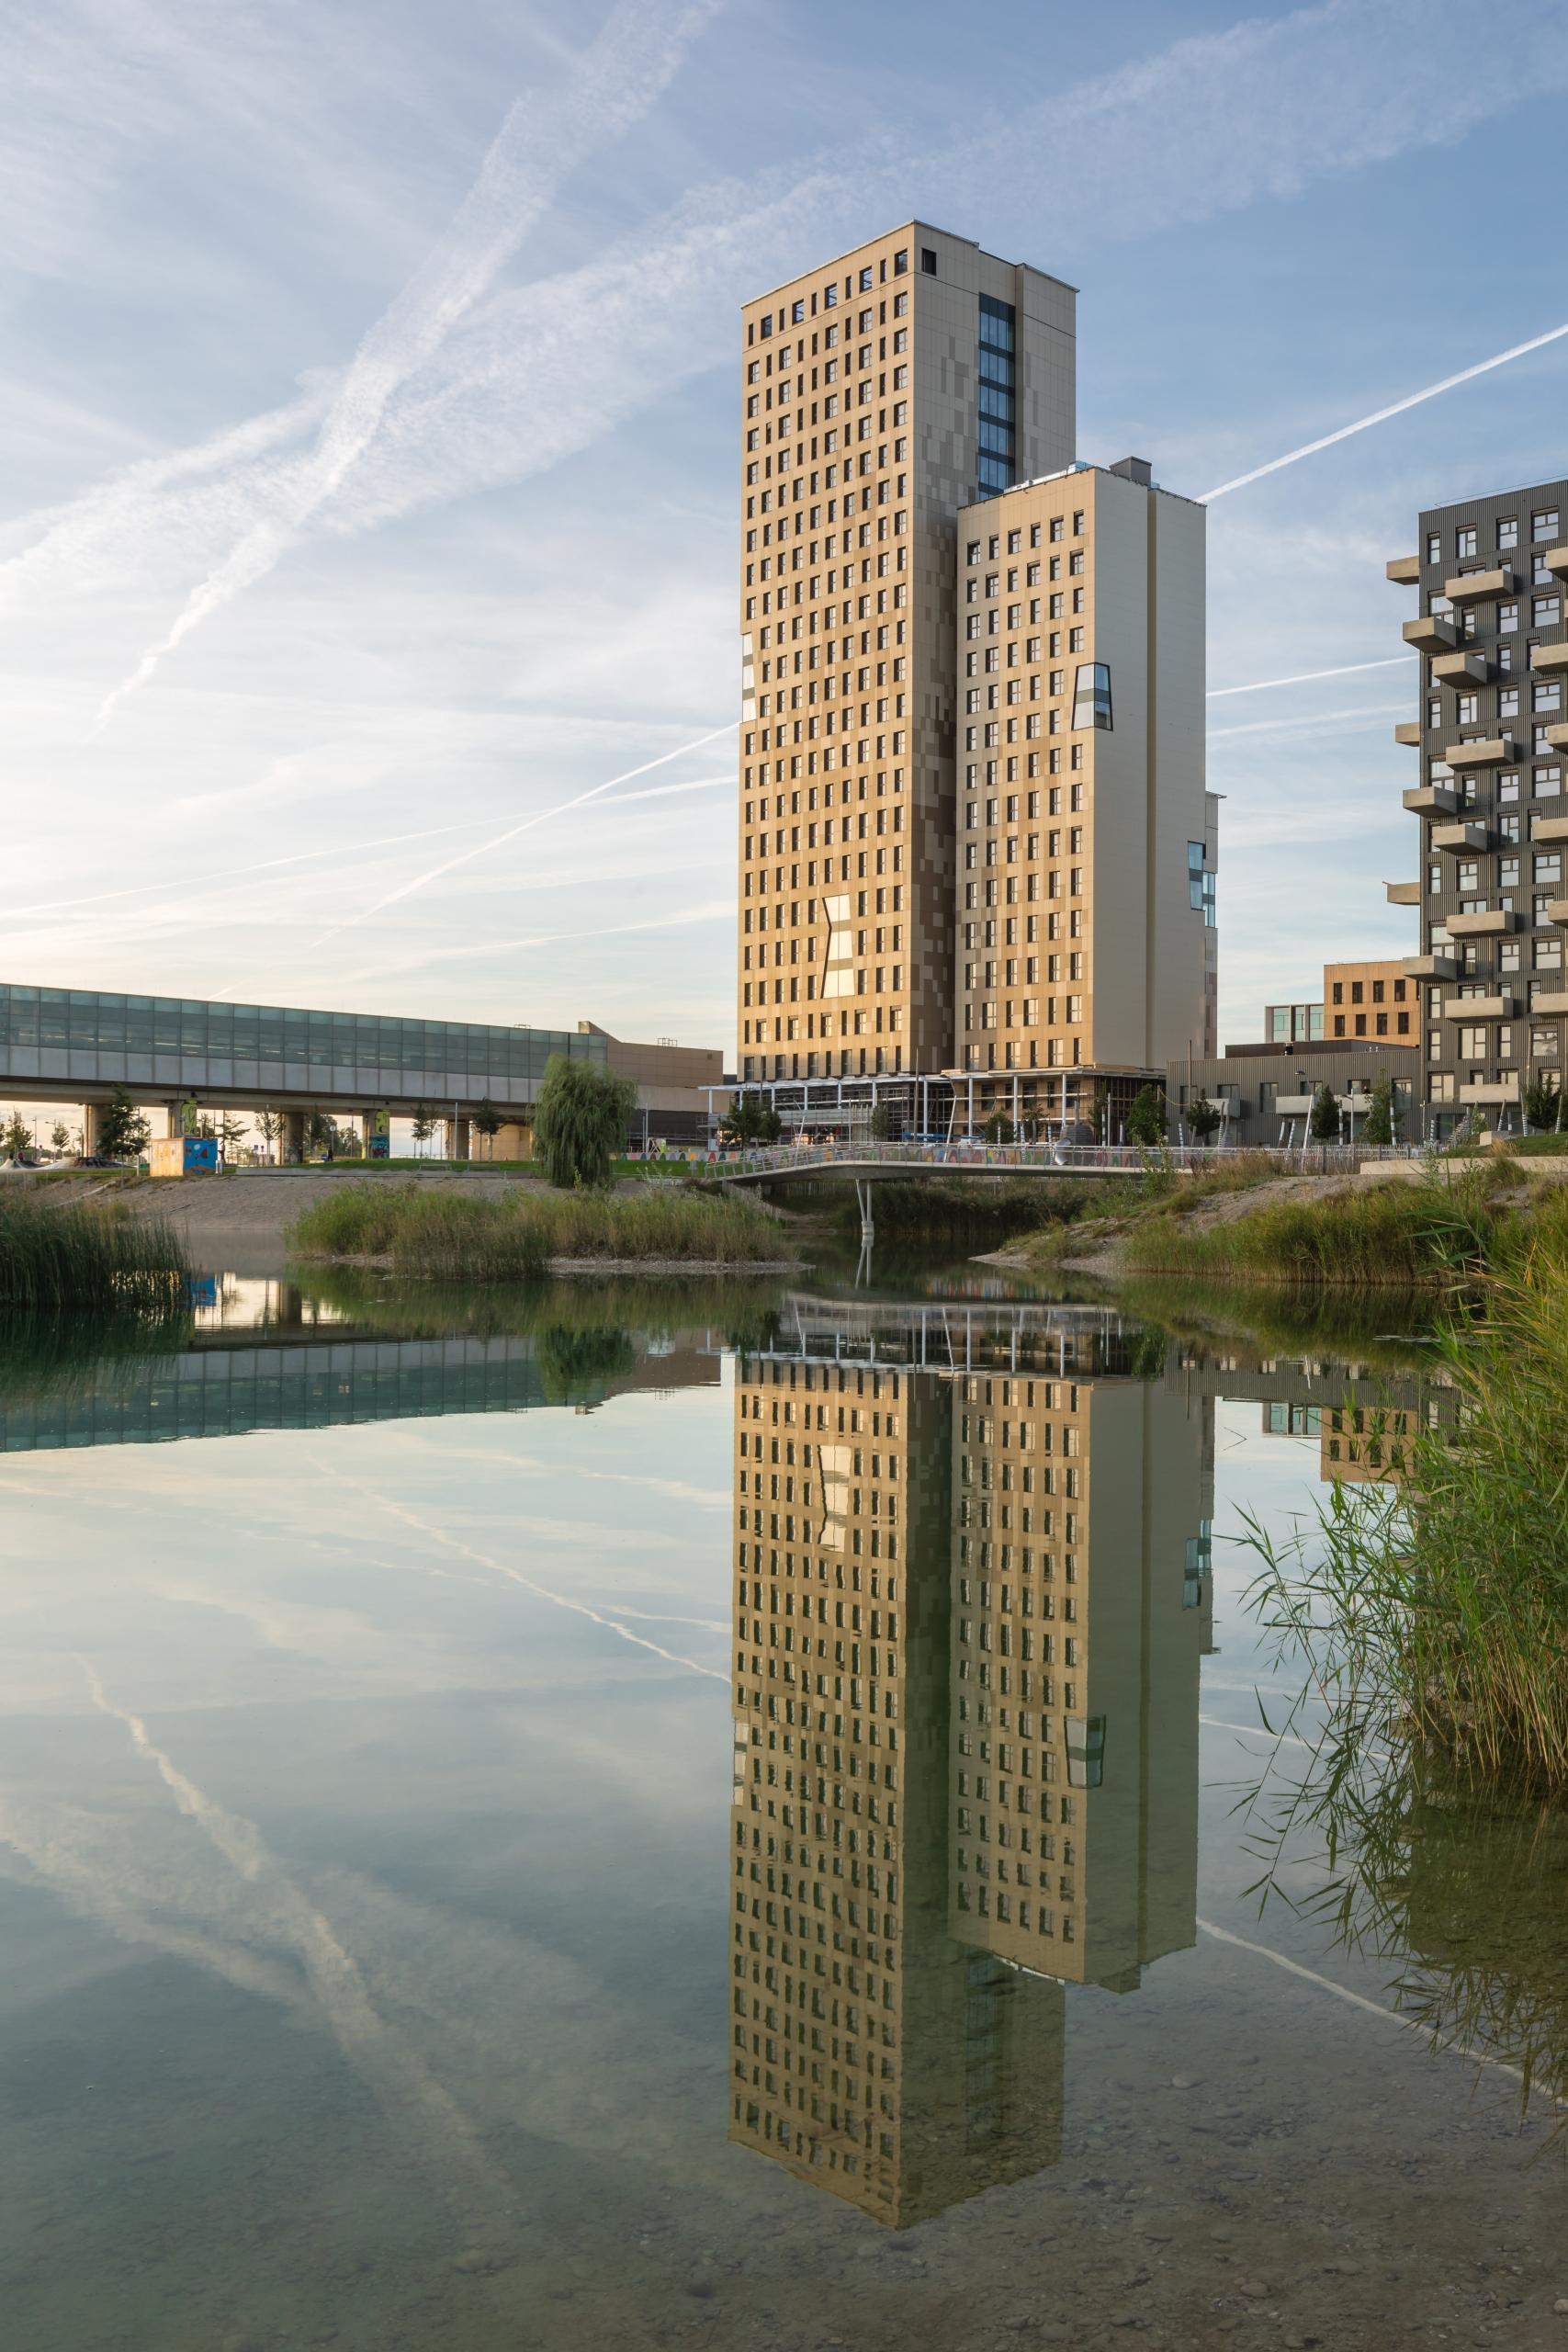 HoHo Wien_Update_8_Spiegelung Wasser_Sept 2019_(c) cetus Baudevelopment u kito at